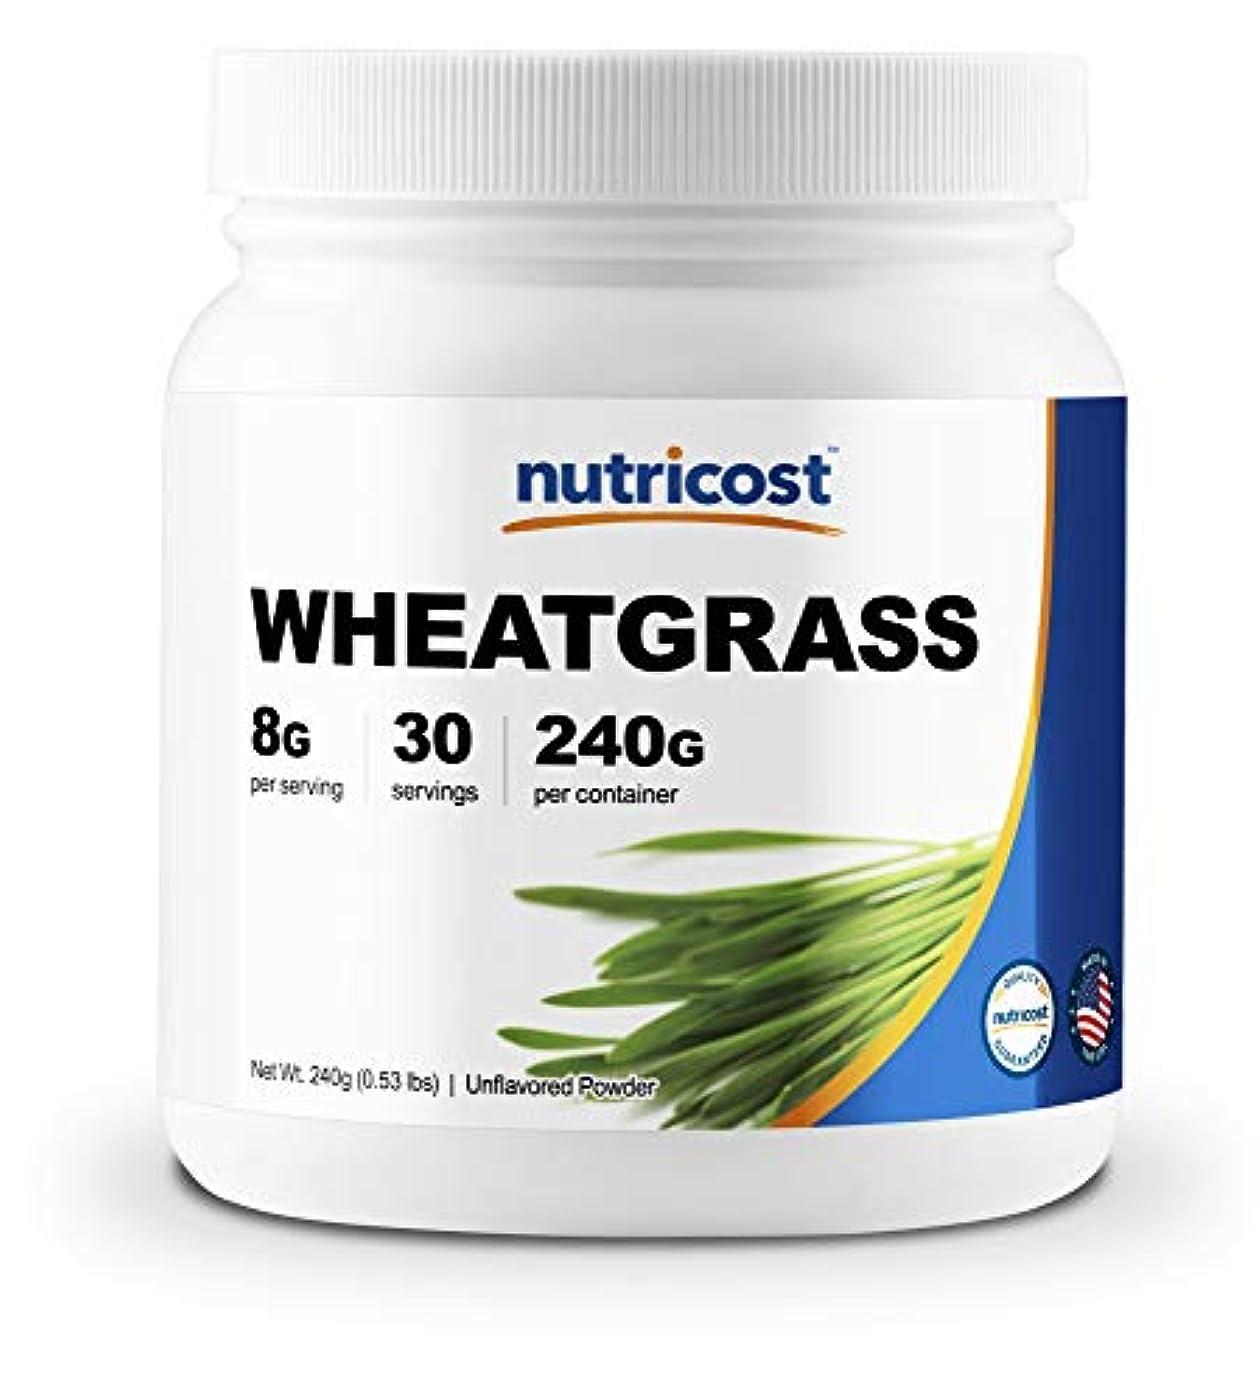 スタウト予約穀物Nutricost ウィートグラスパウダー (小麦若葉)、30食分、非GMO、グルテンフリー